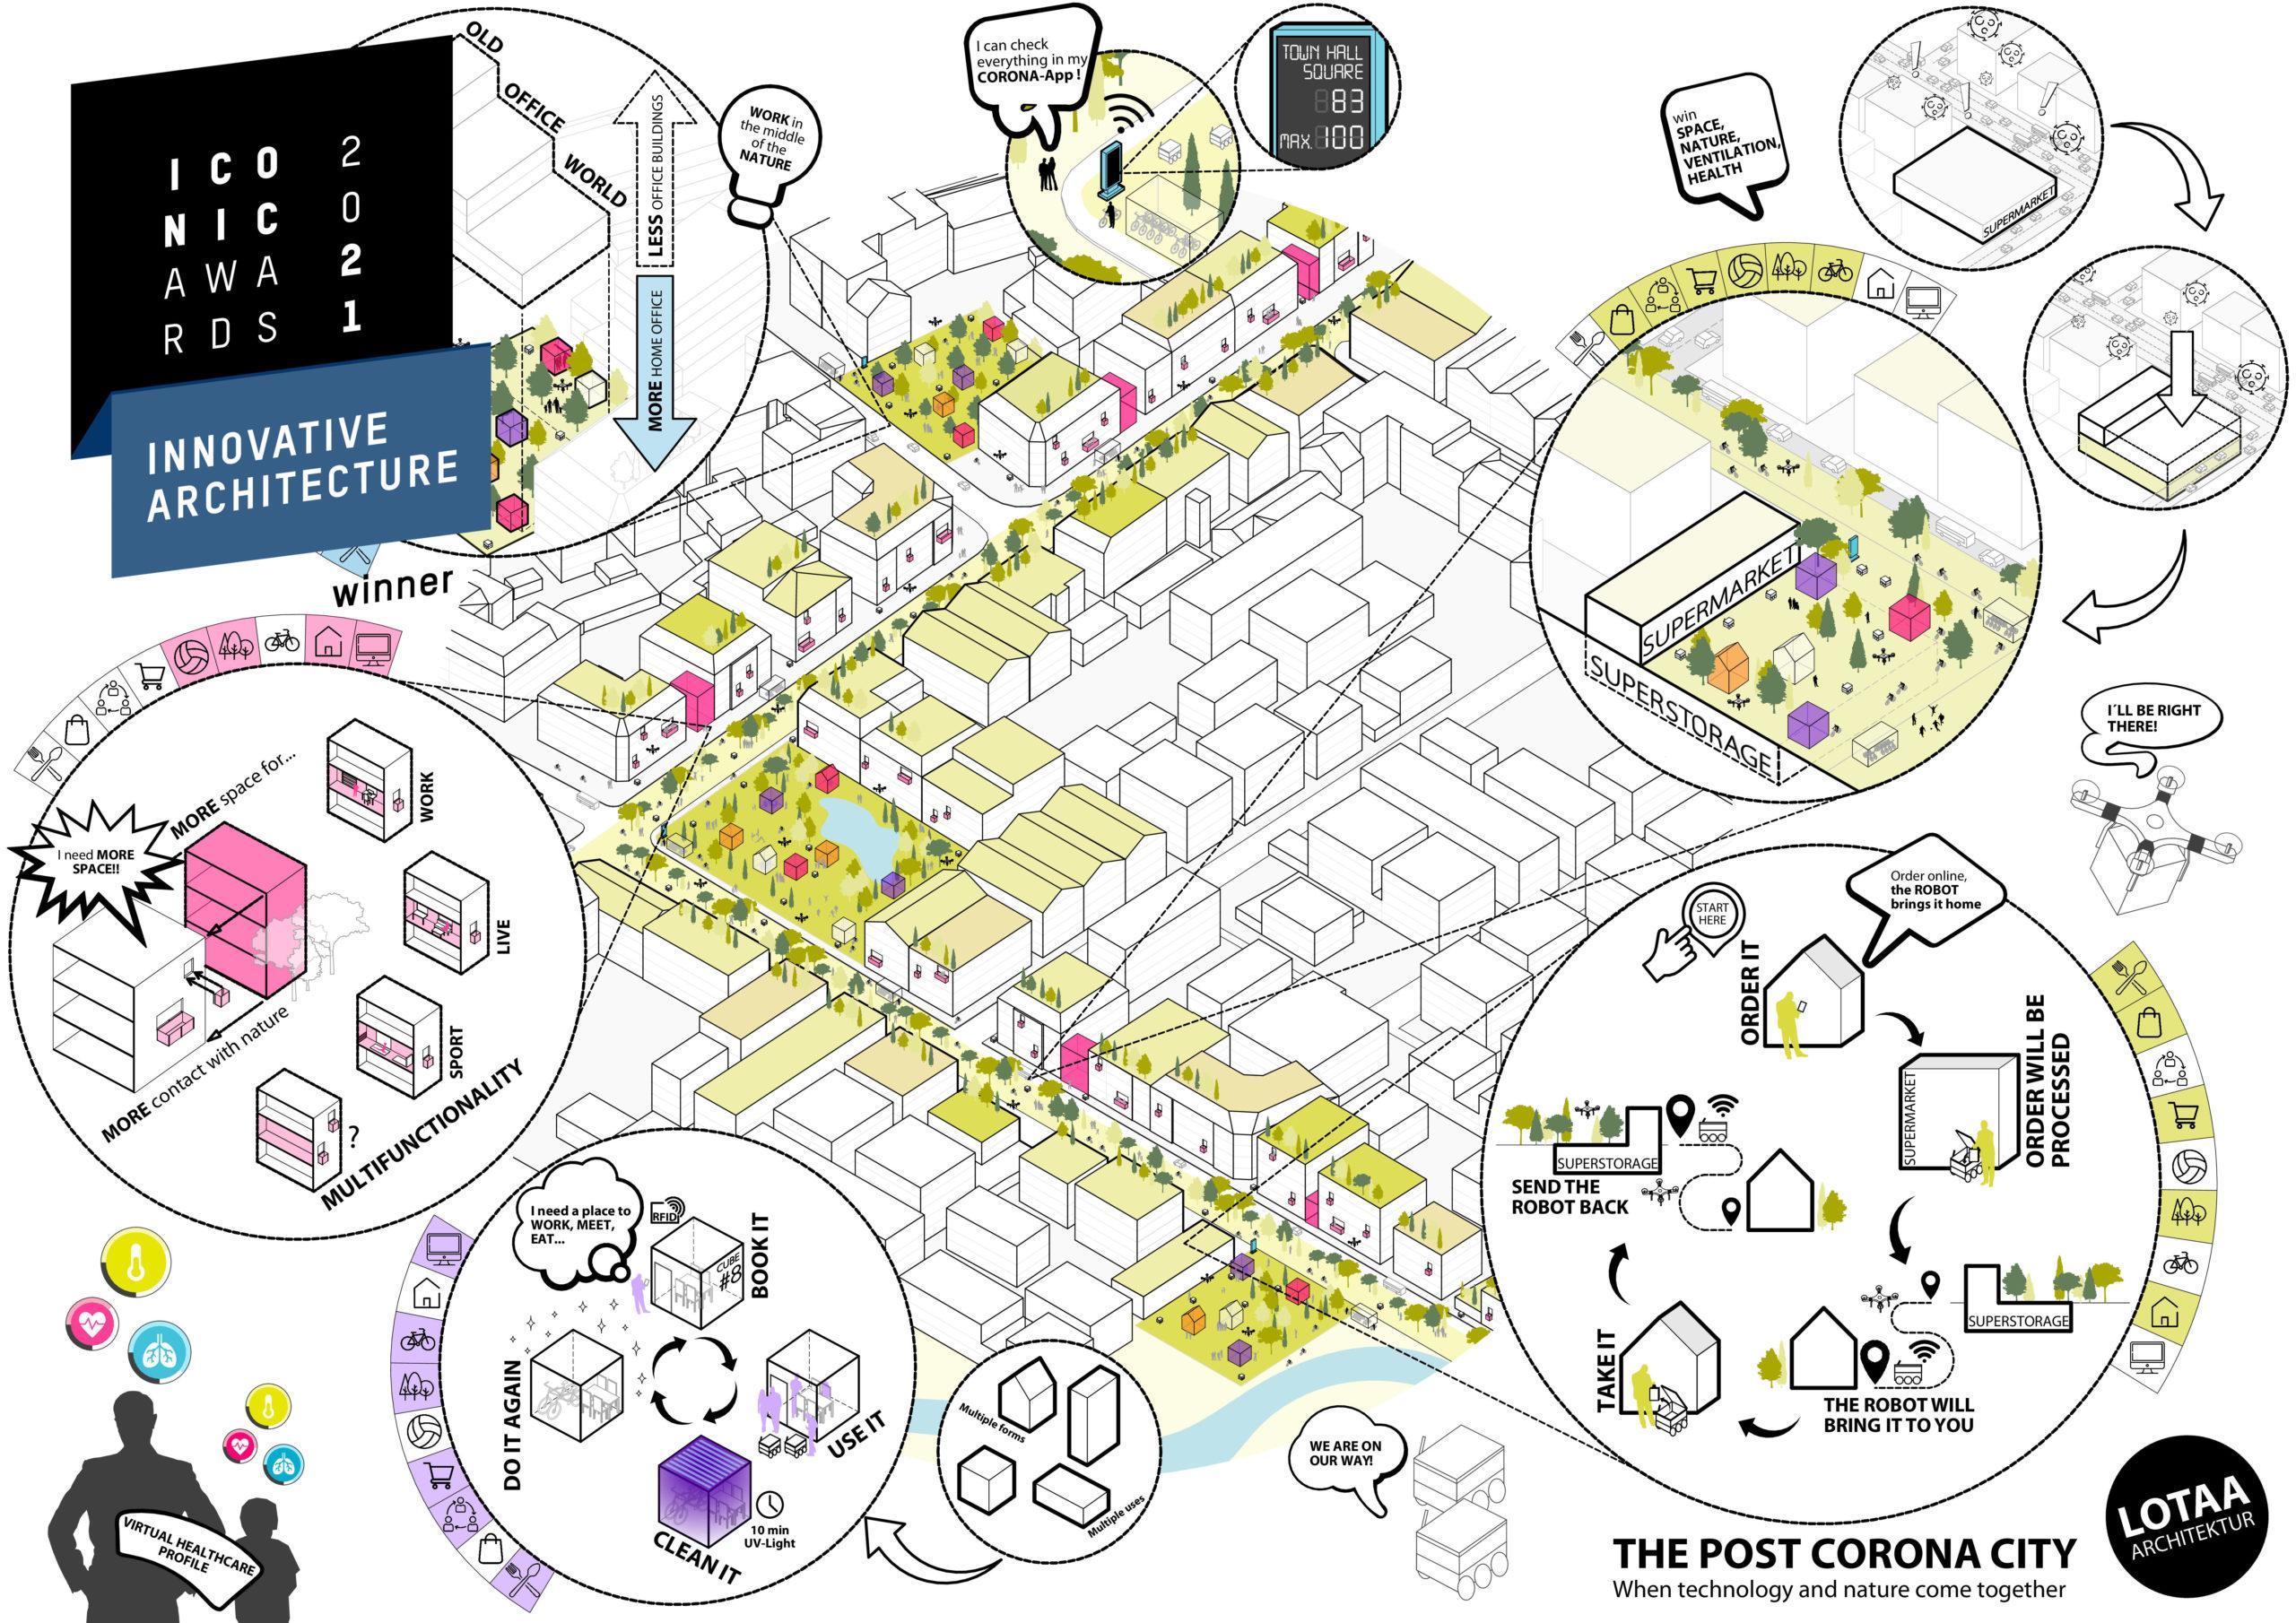 """Projektblatt der LOTAA Architektur zum Thema """"The Post Corona City"""""""